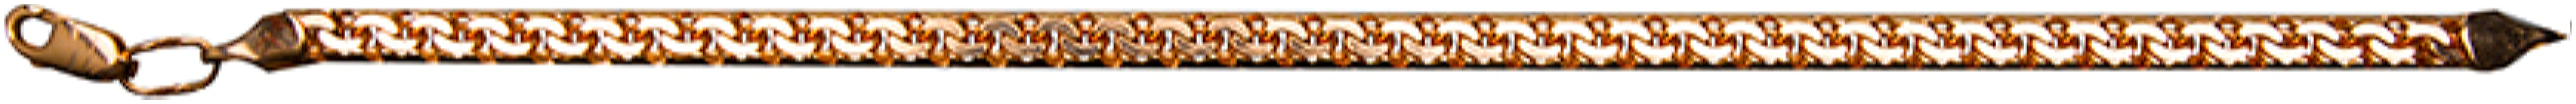 картинка браслет из золота 585° 12080382118